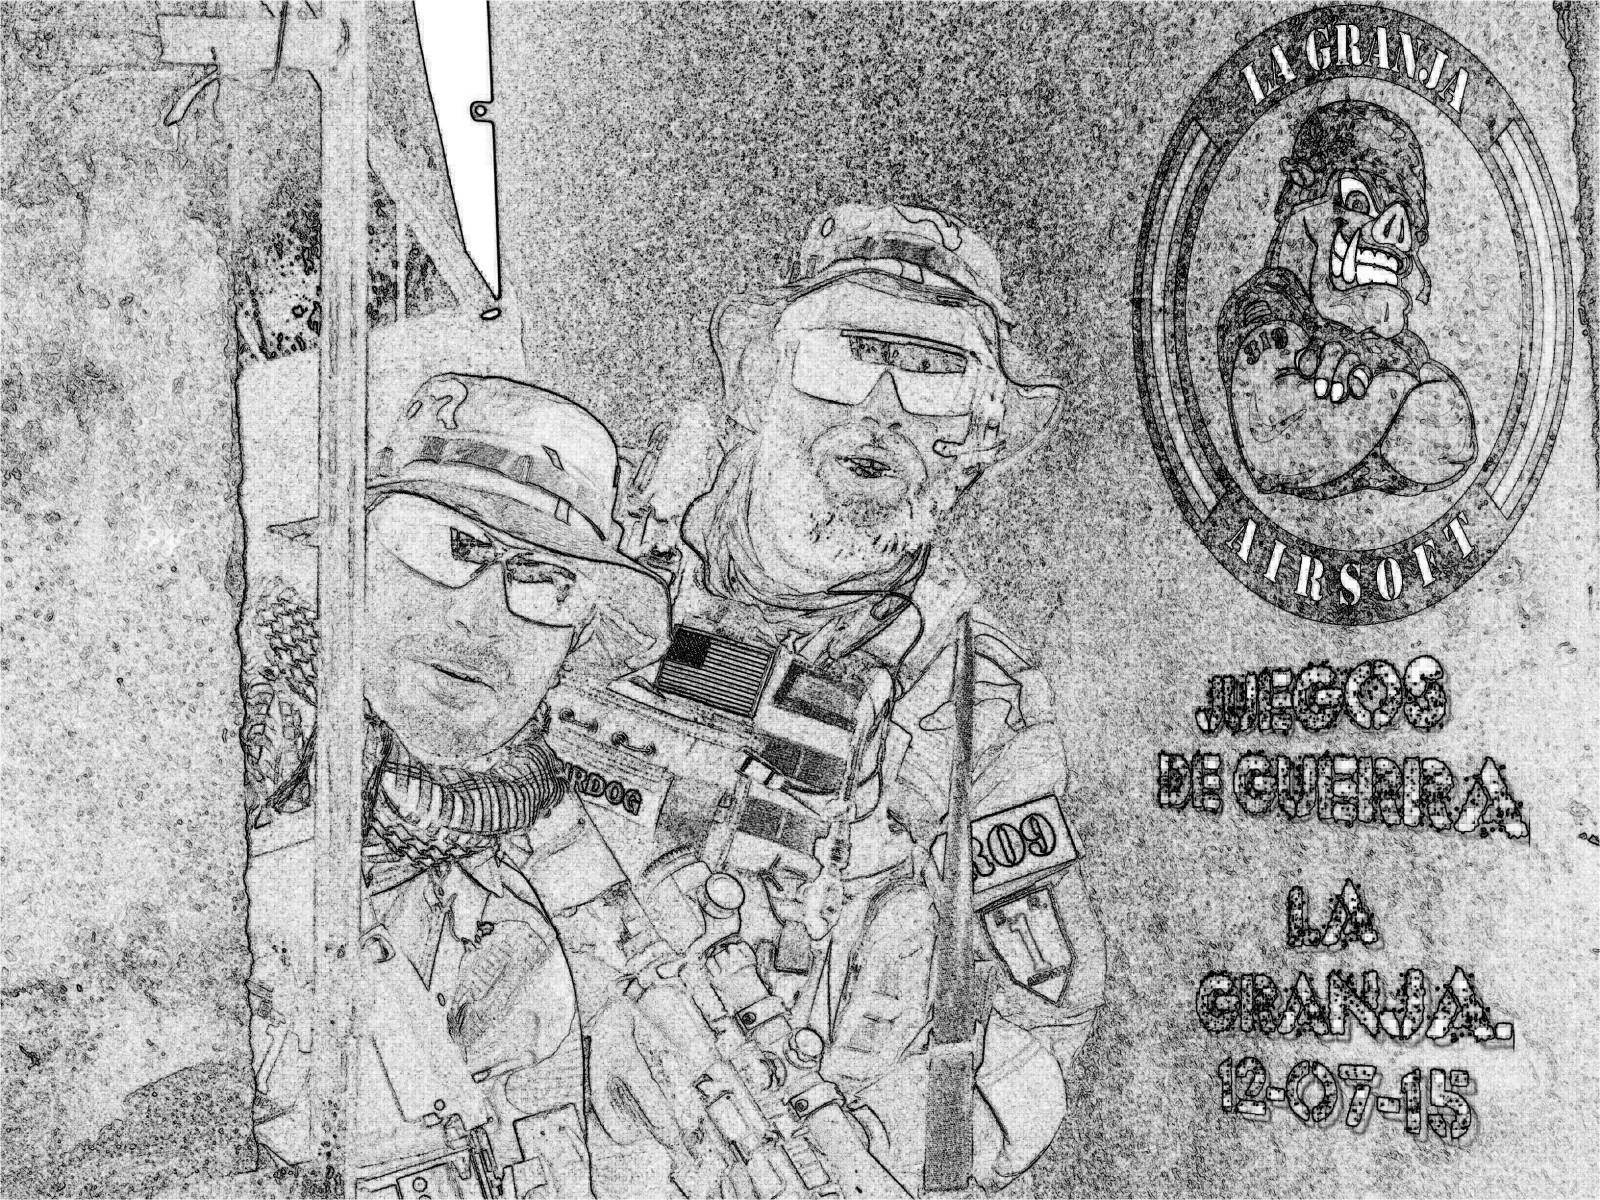 JUEGOS DE GUERRA. LA GRANJA. 12-07-15 2ccqwrp